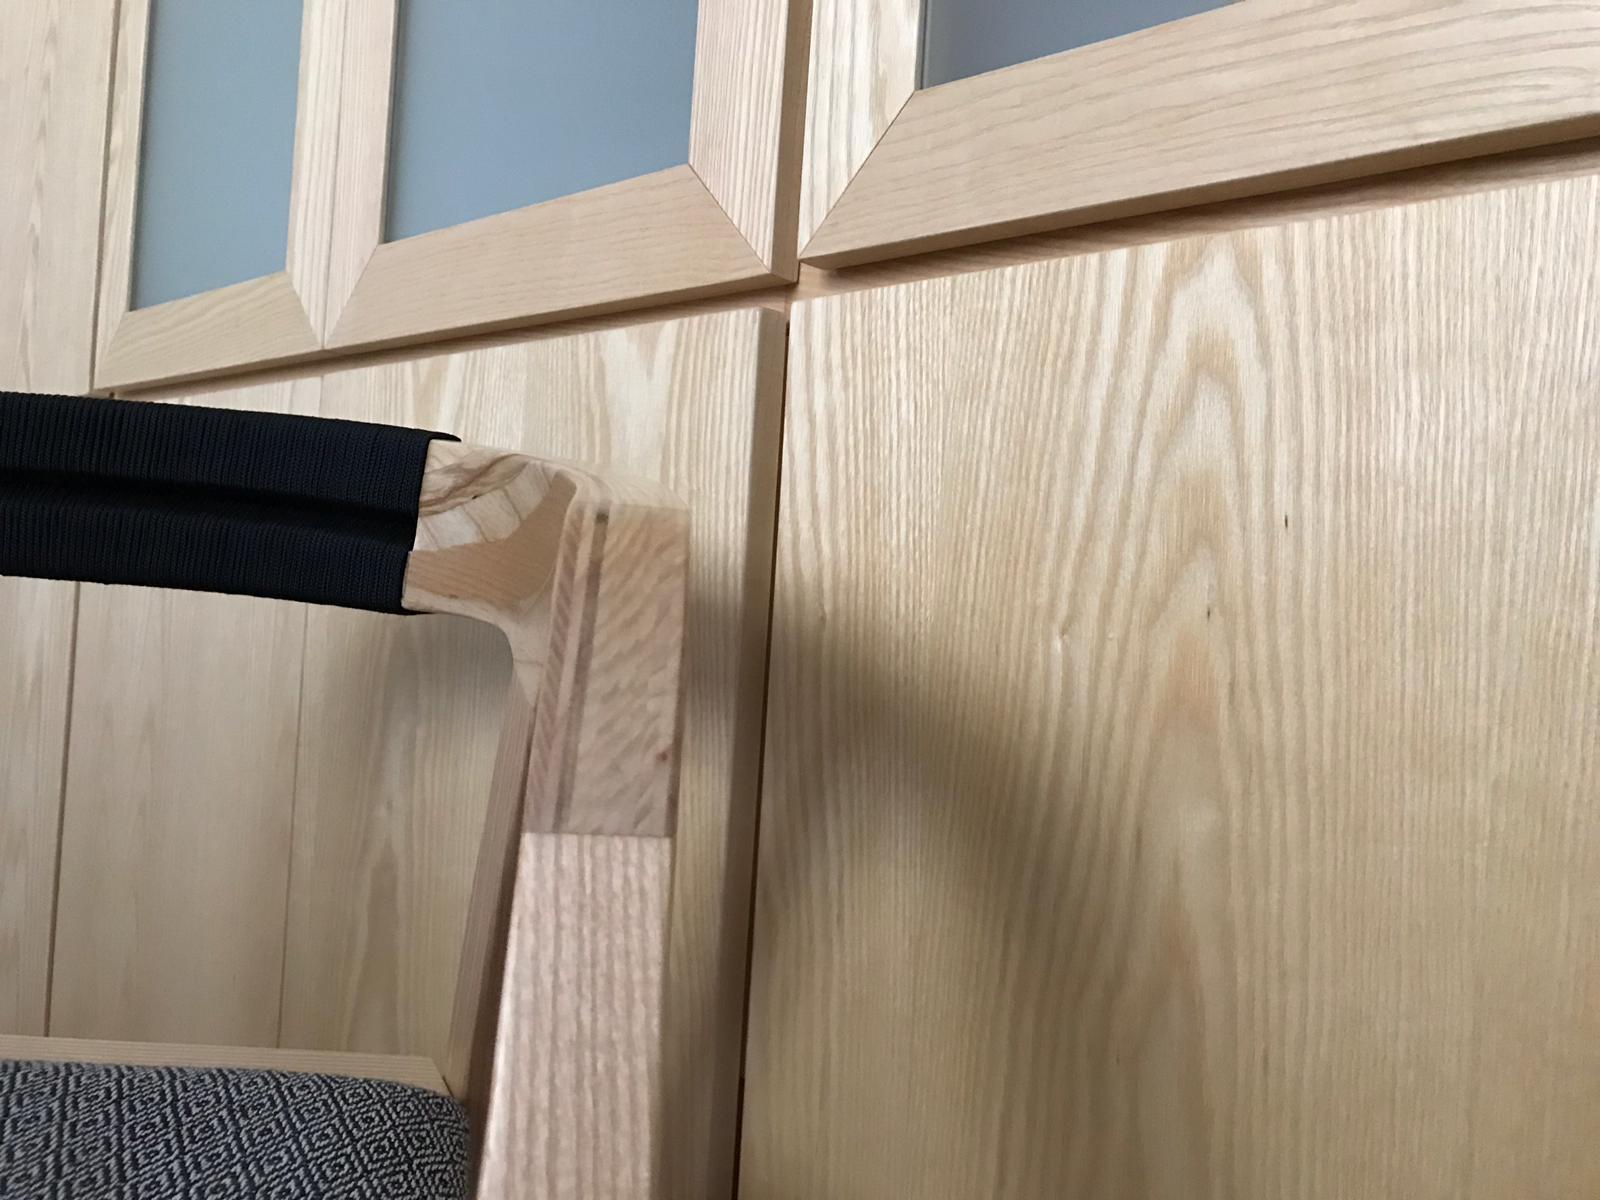 Telaio e ante a push in legno frassino con verniciatura al naturale